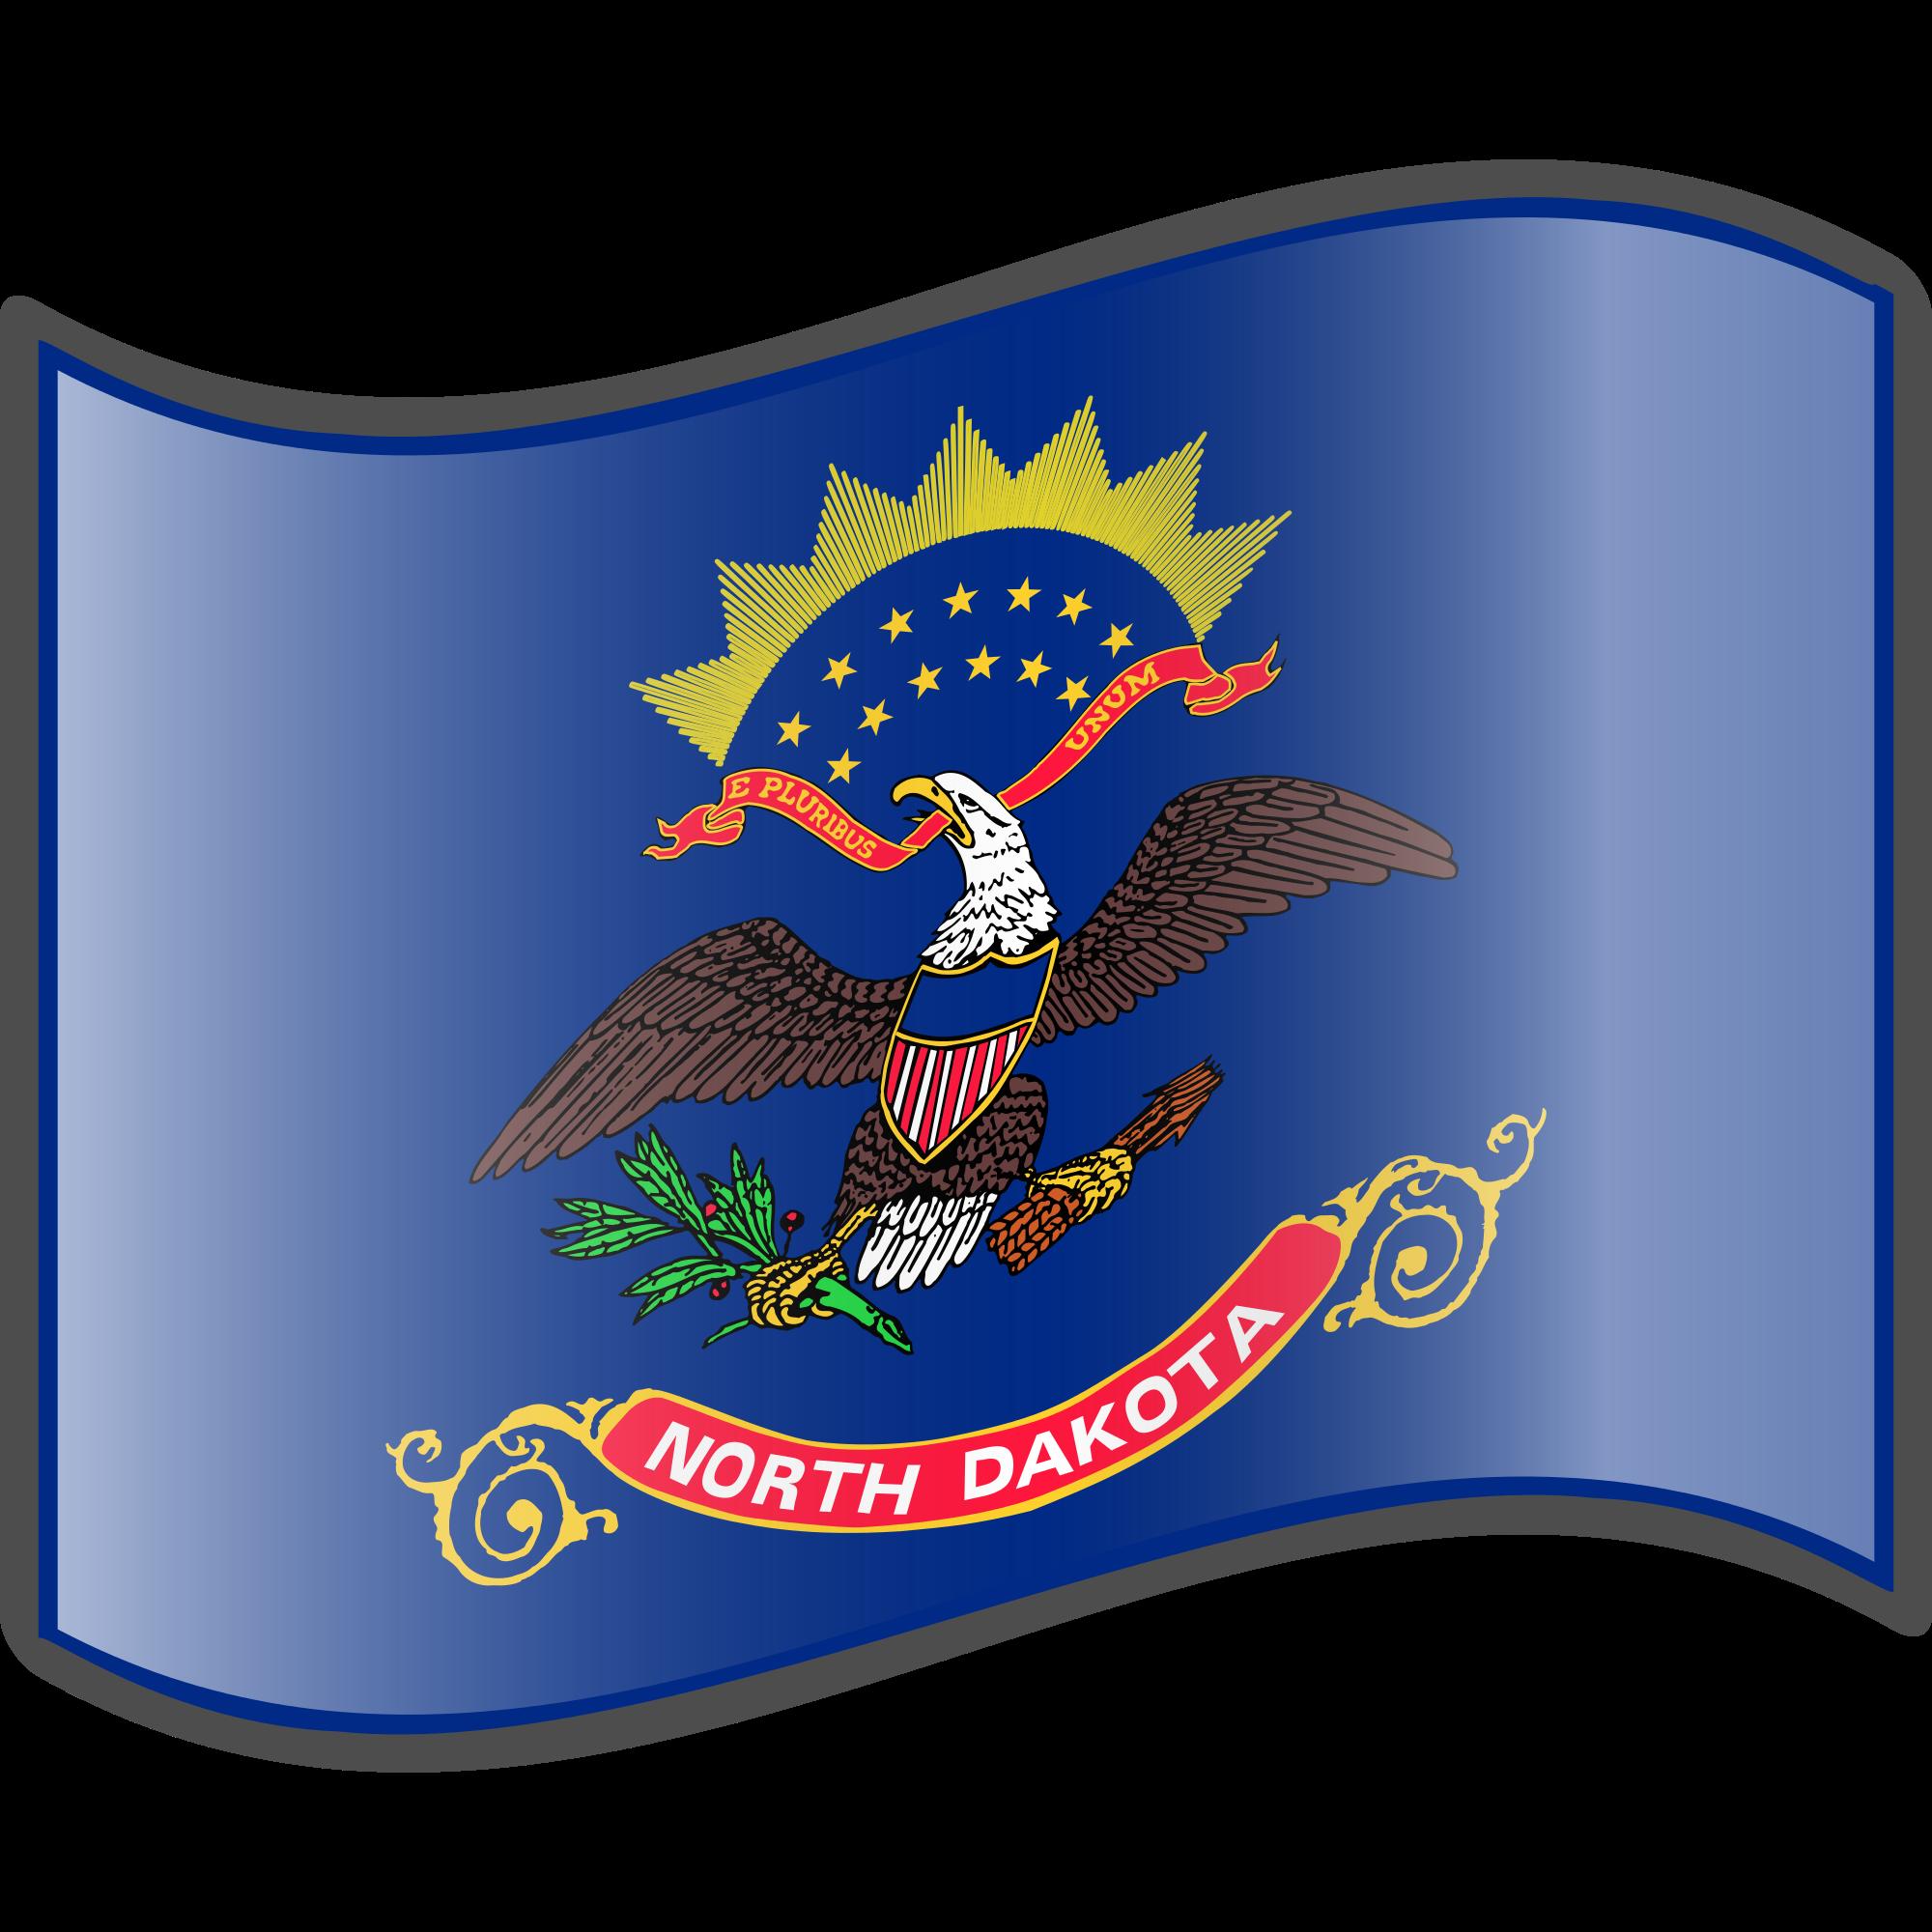 North Dakota Casaa